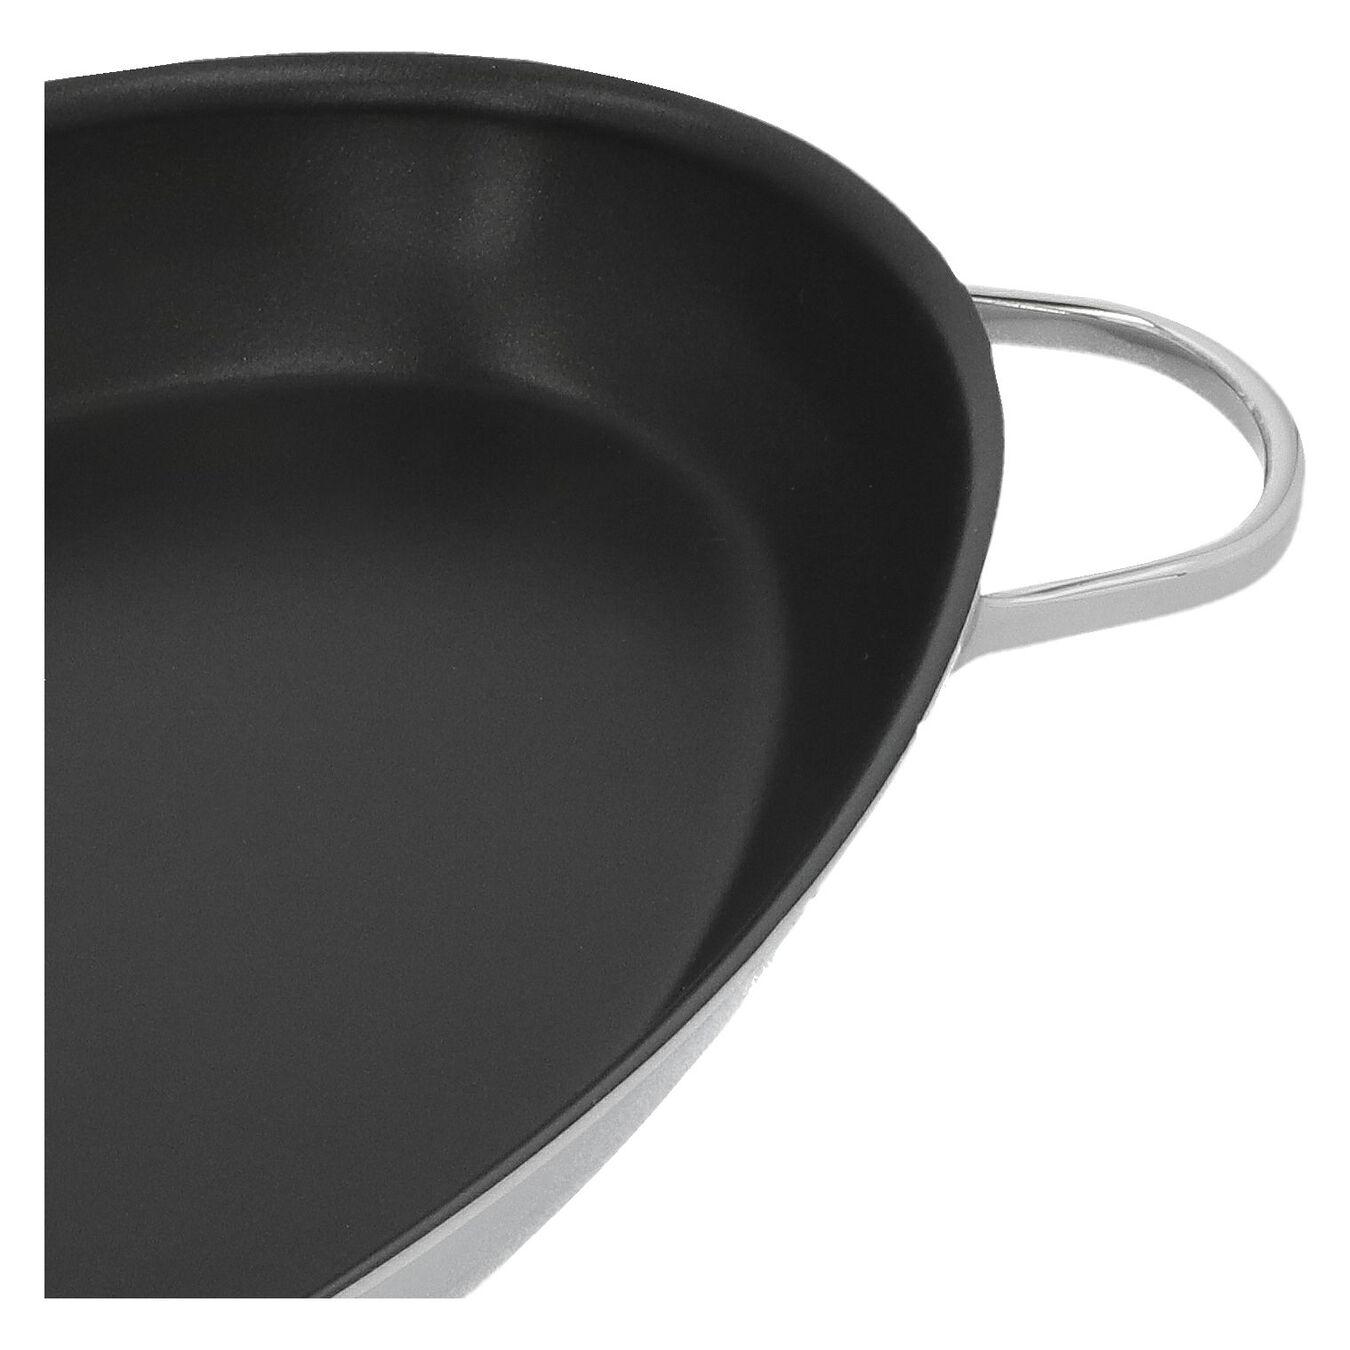 Poêle Duraslide 45 cm,,large 2